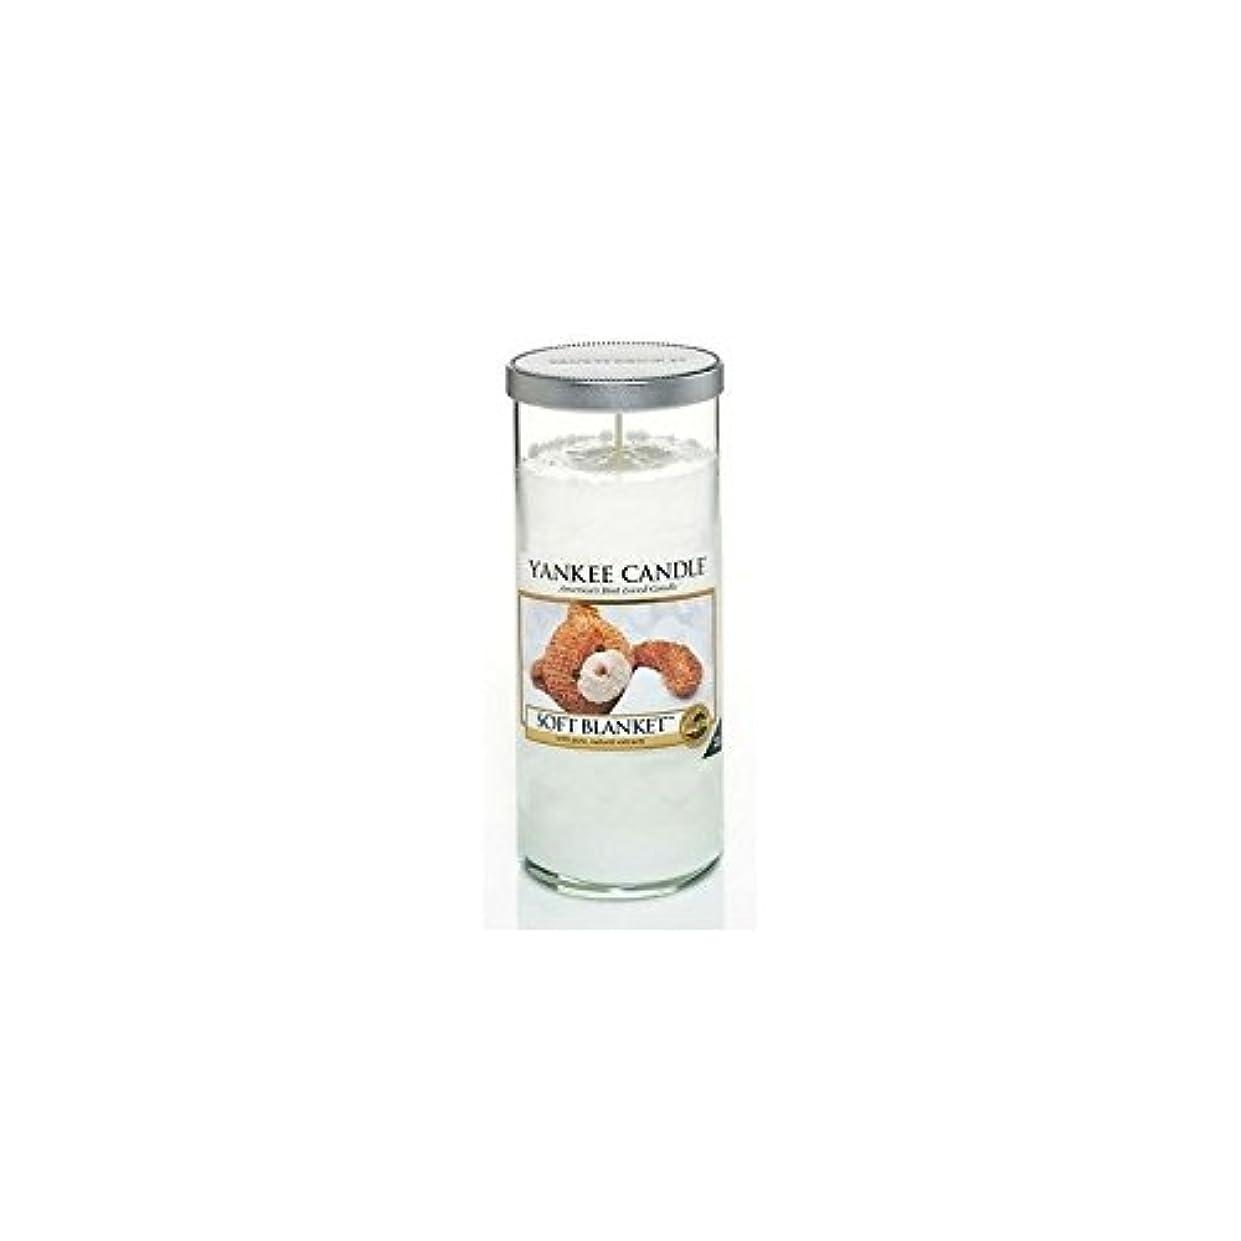 収益だますとYankee Candles Large Pillar Candle - Soft Blanket (Pack of 2) - ヤンキーキャンドル大きな柱キャンドル - ソフト毛布 (x2) [並行輸入品]